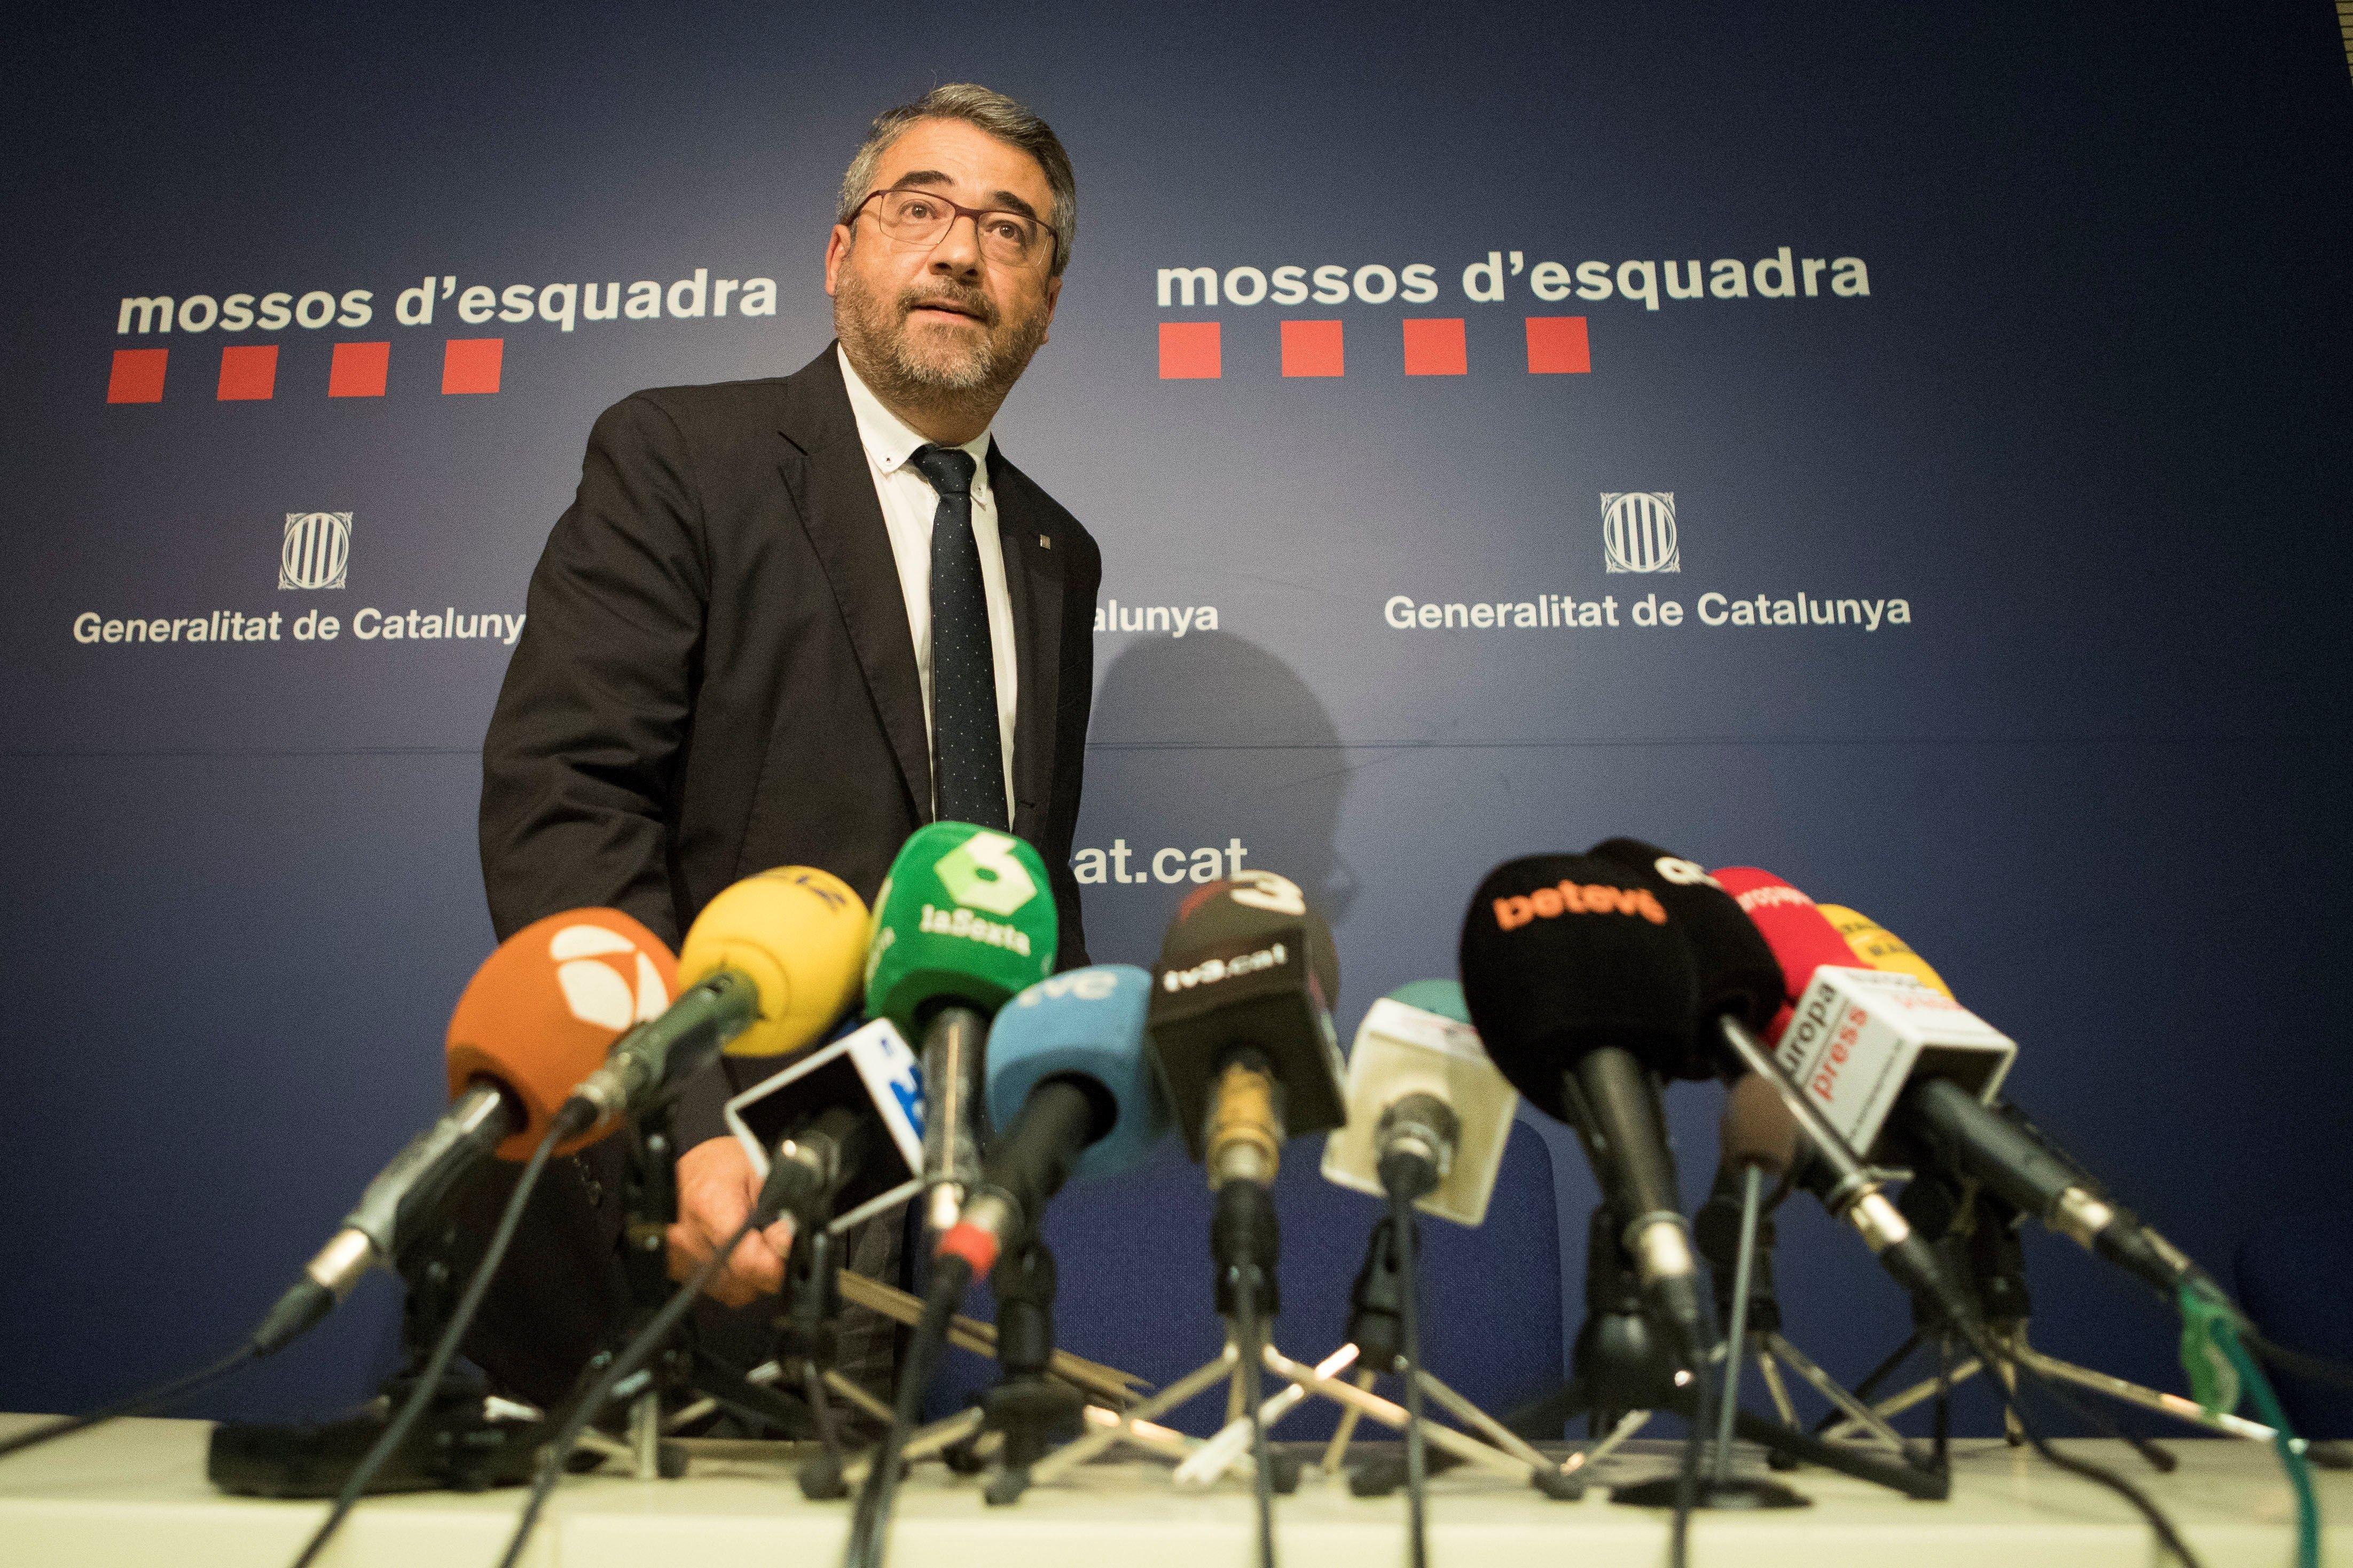 andreu joan martinez director mossos - efe